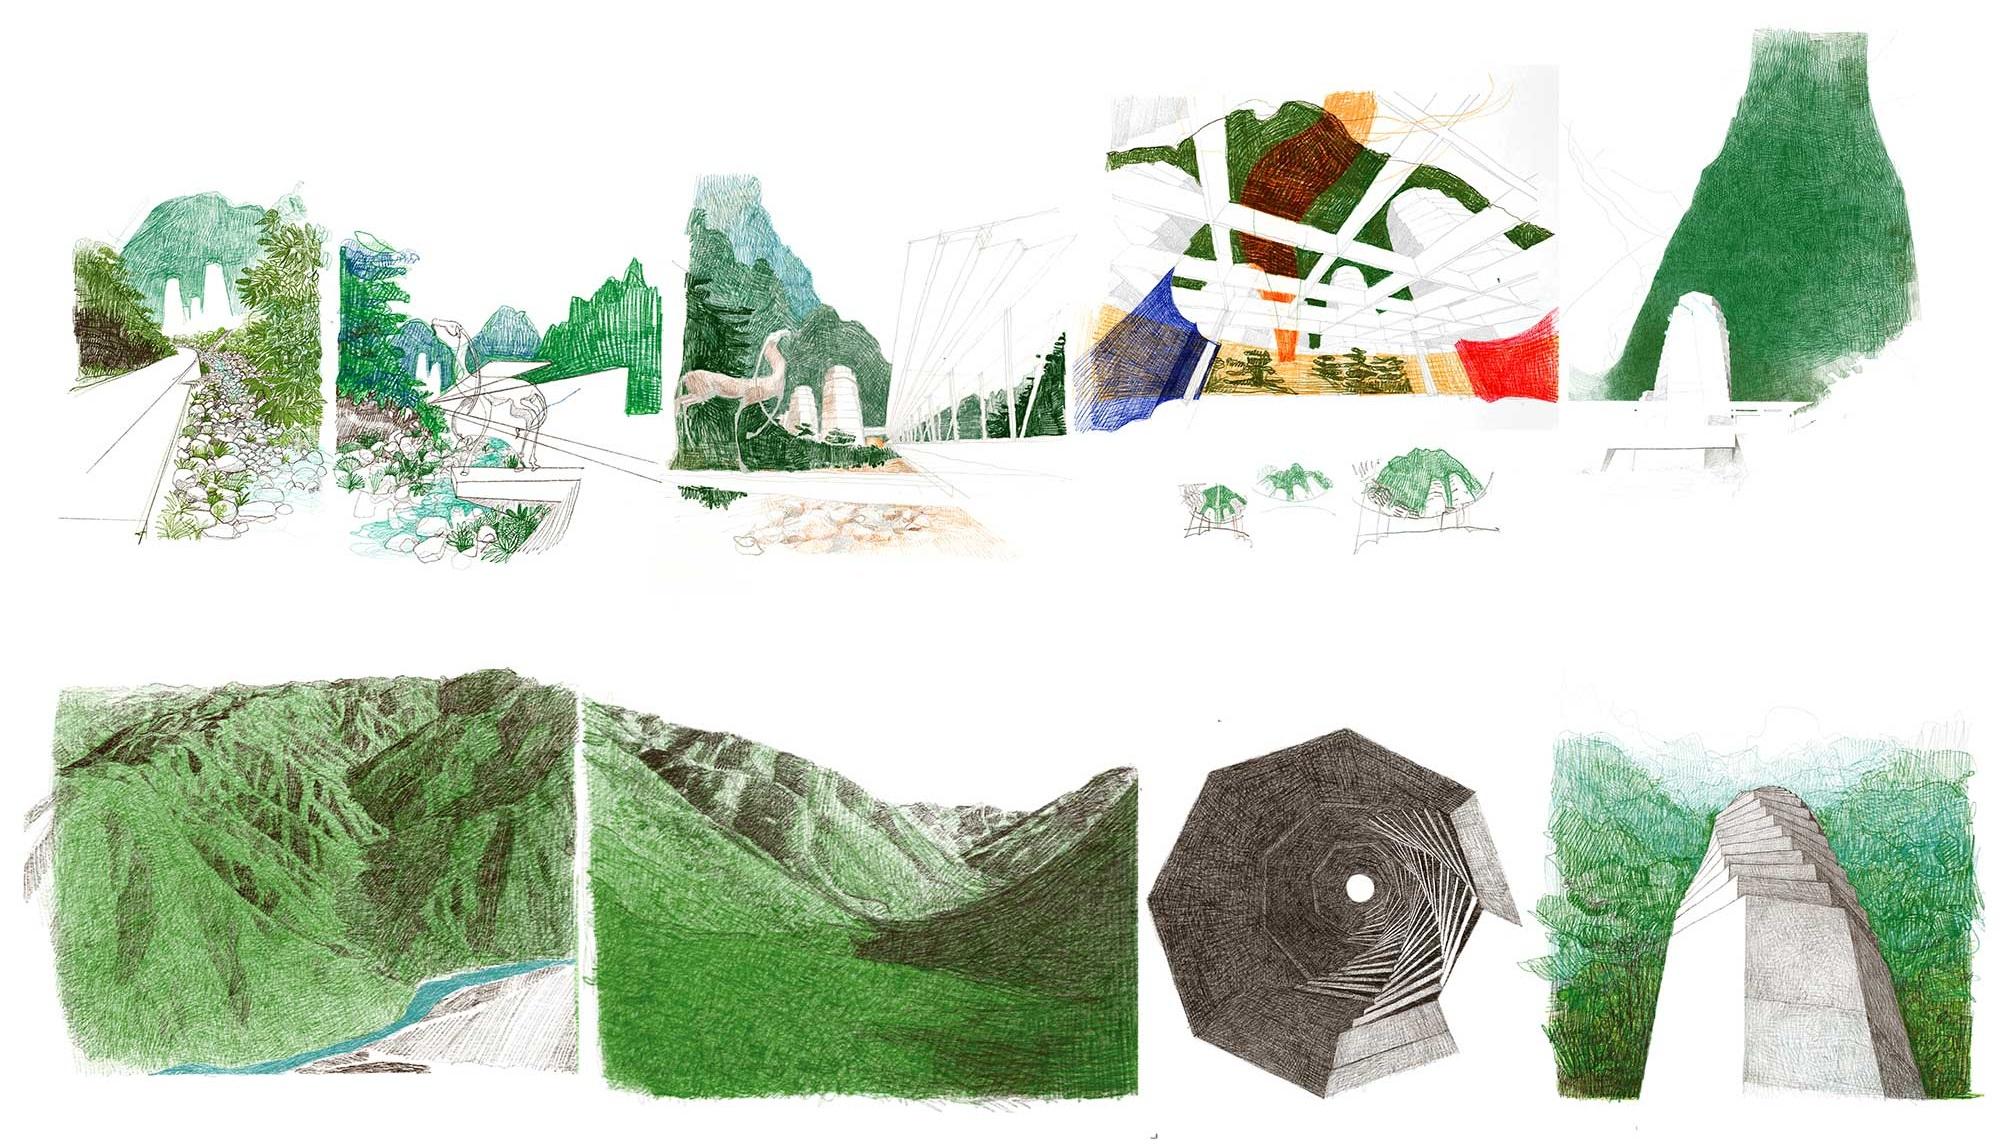 candalepas-jade-museum-sketches.jpg